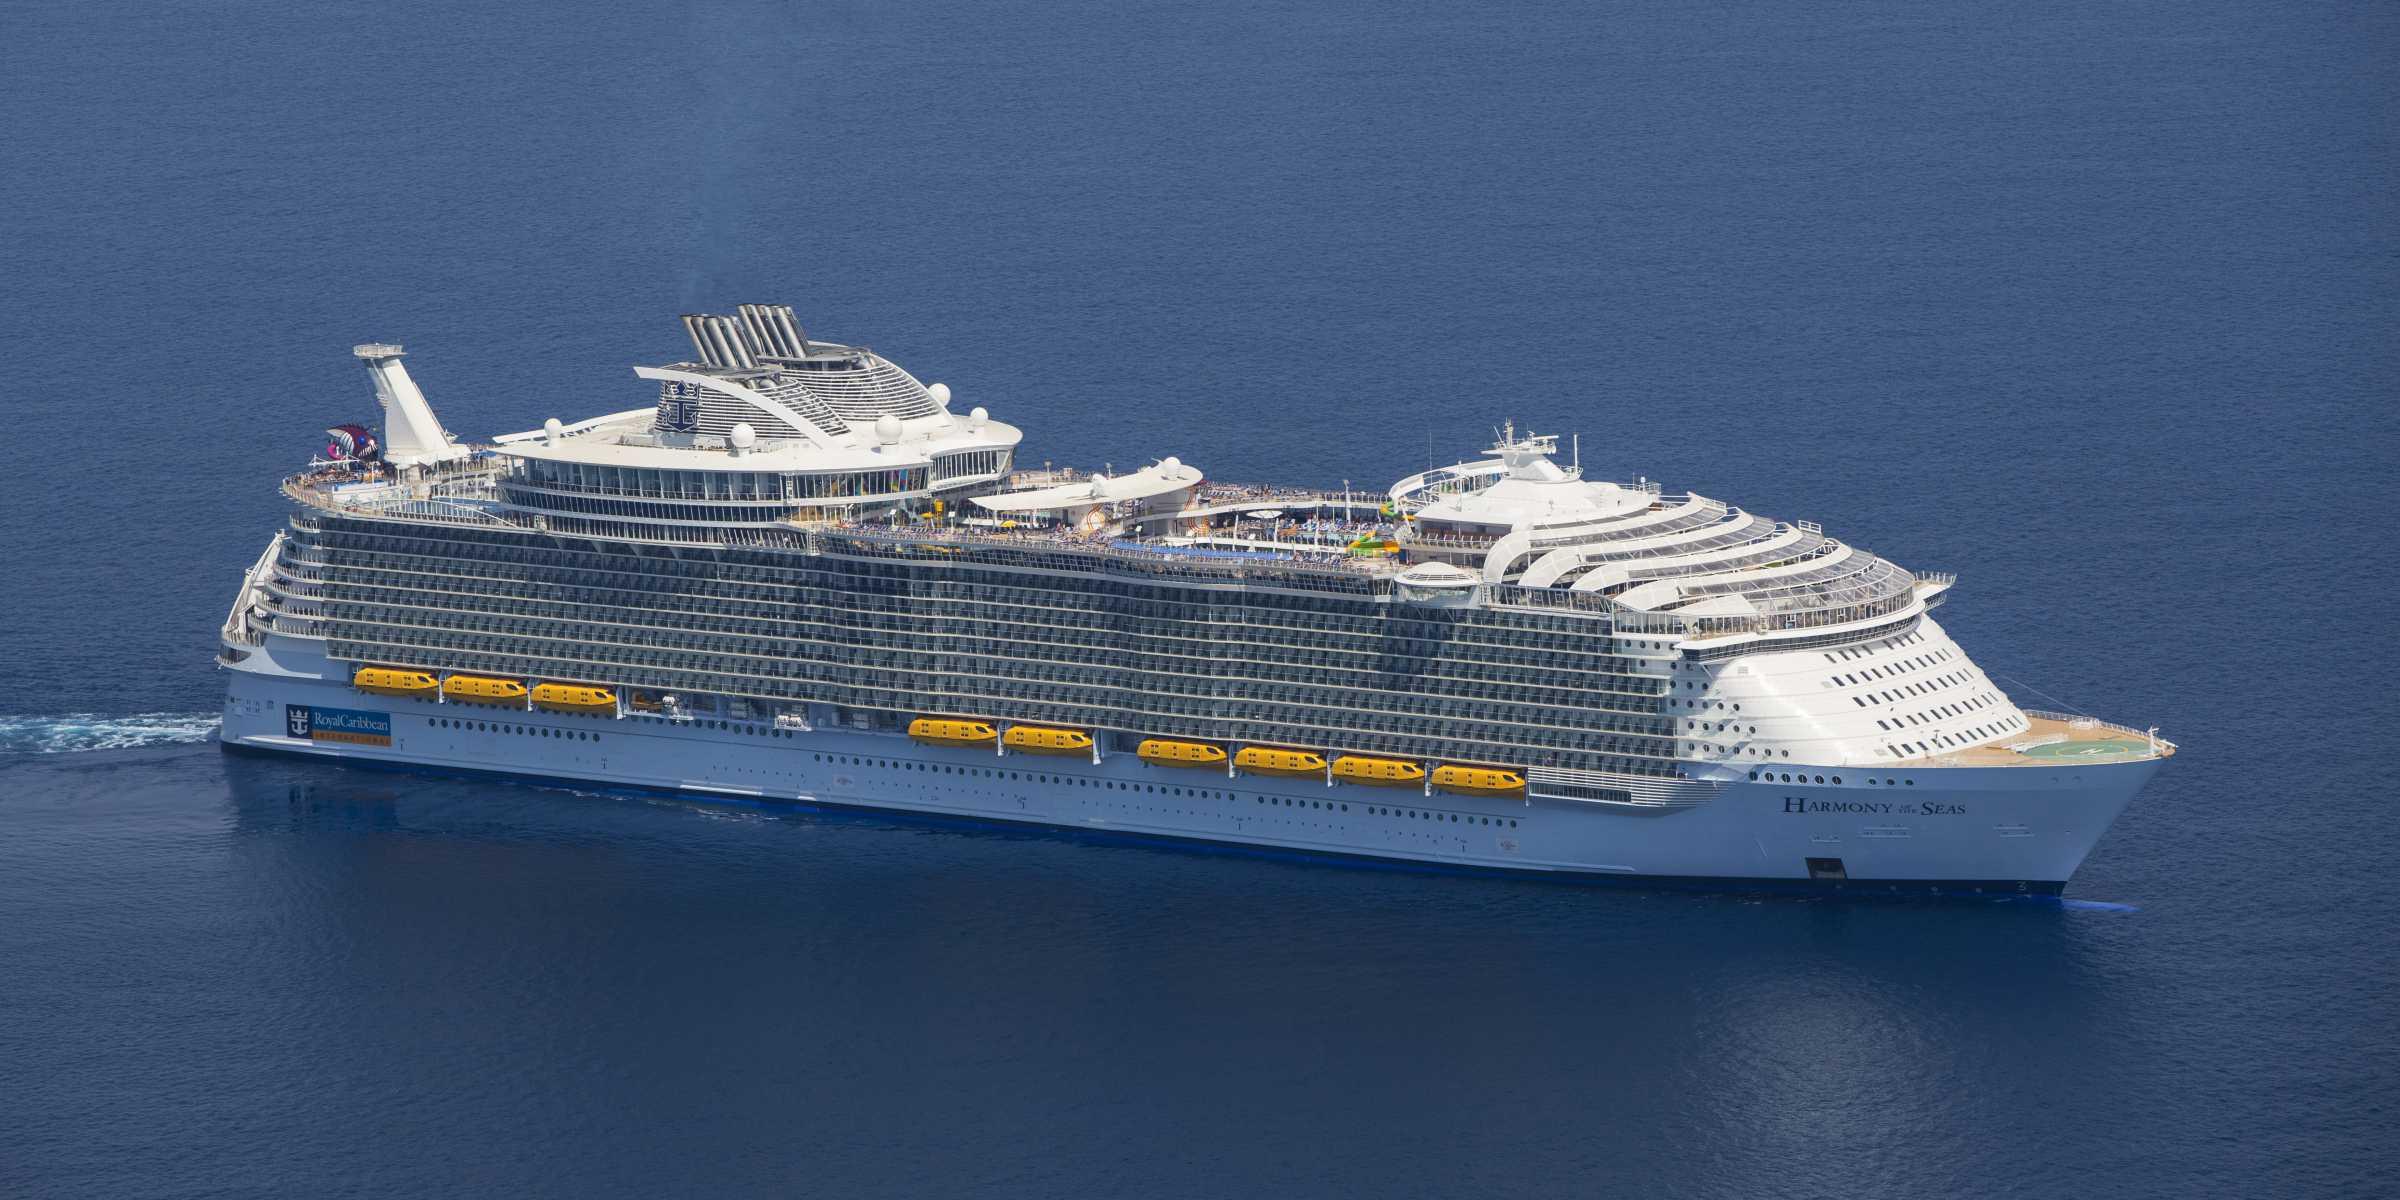 World's Largest Cruise Ship - Royal Caribbean